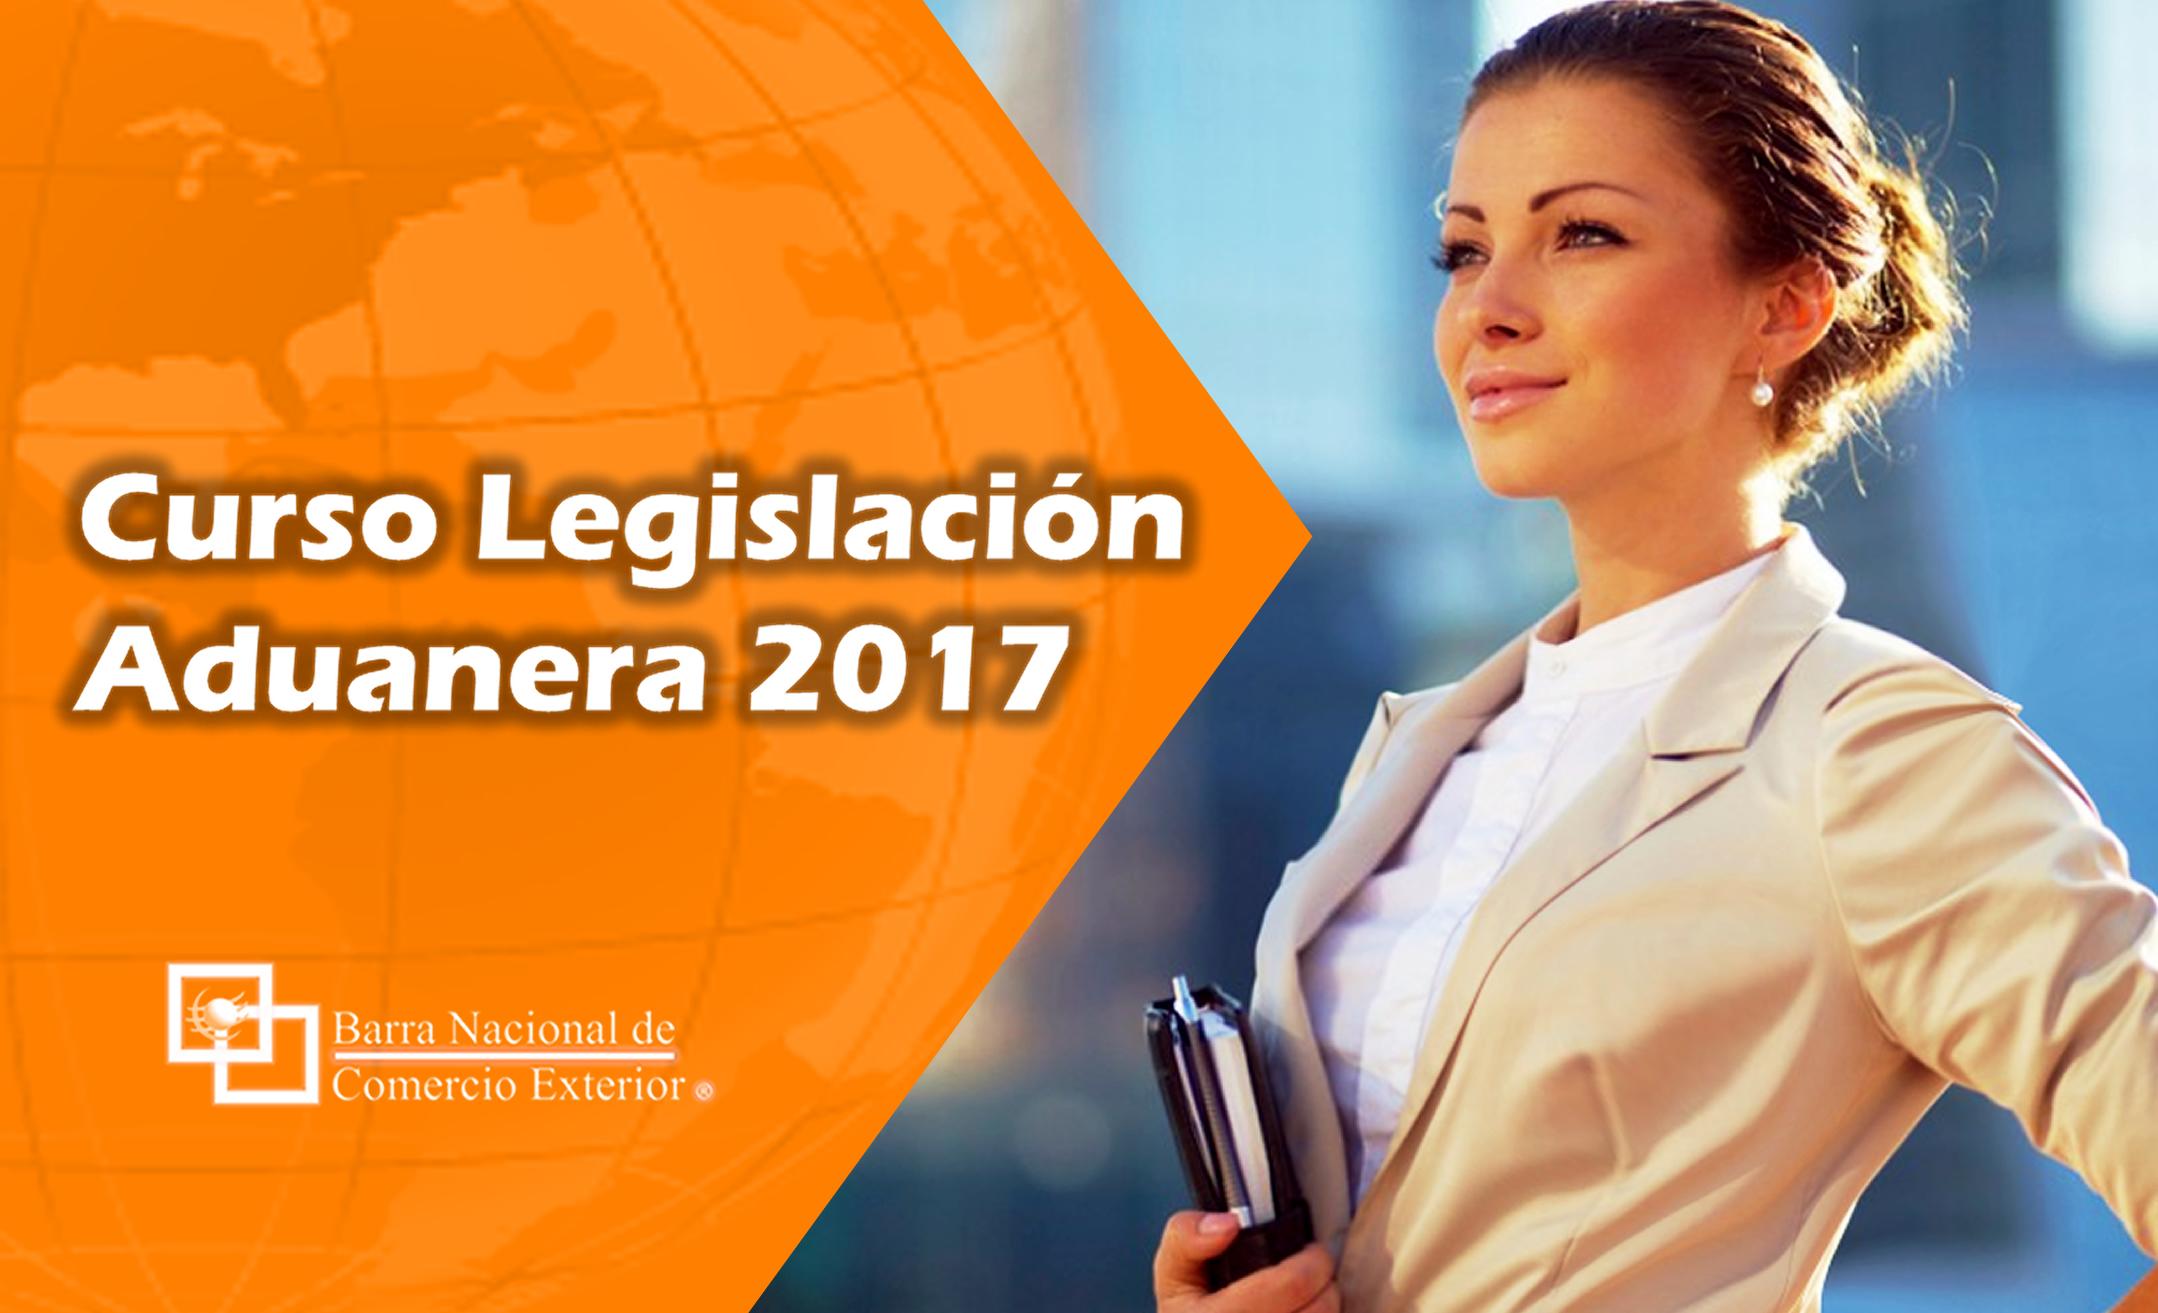 Curso Legislación Aduanera 2017 - Descuento 15% en pronto pago